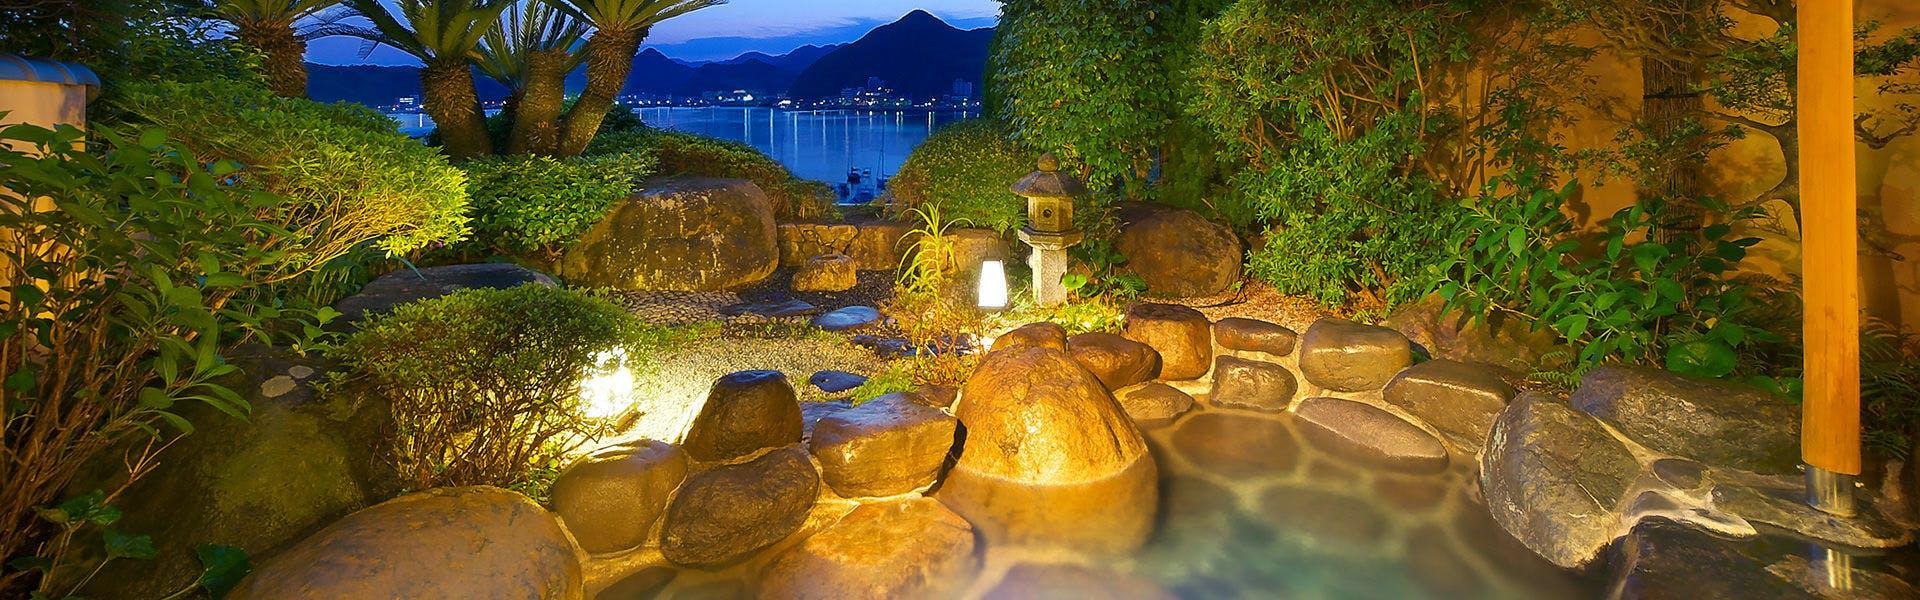 記念日におすすめのホテル・【ホテル山田屋】 の空室状況を確認するの写真1